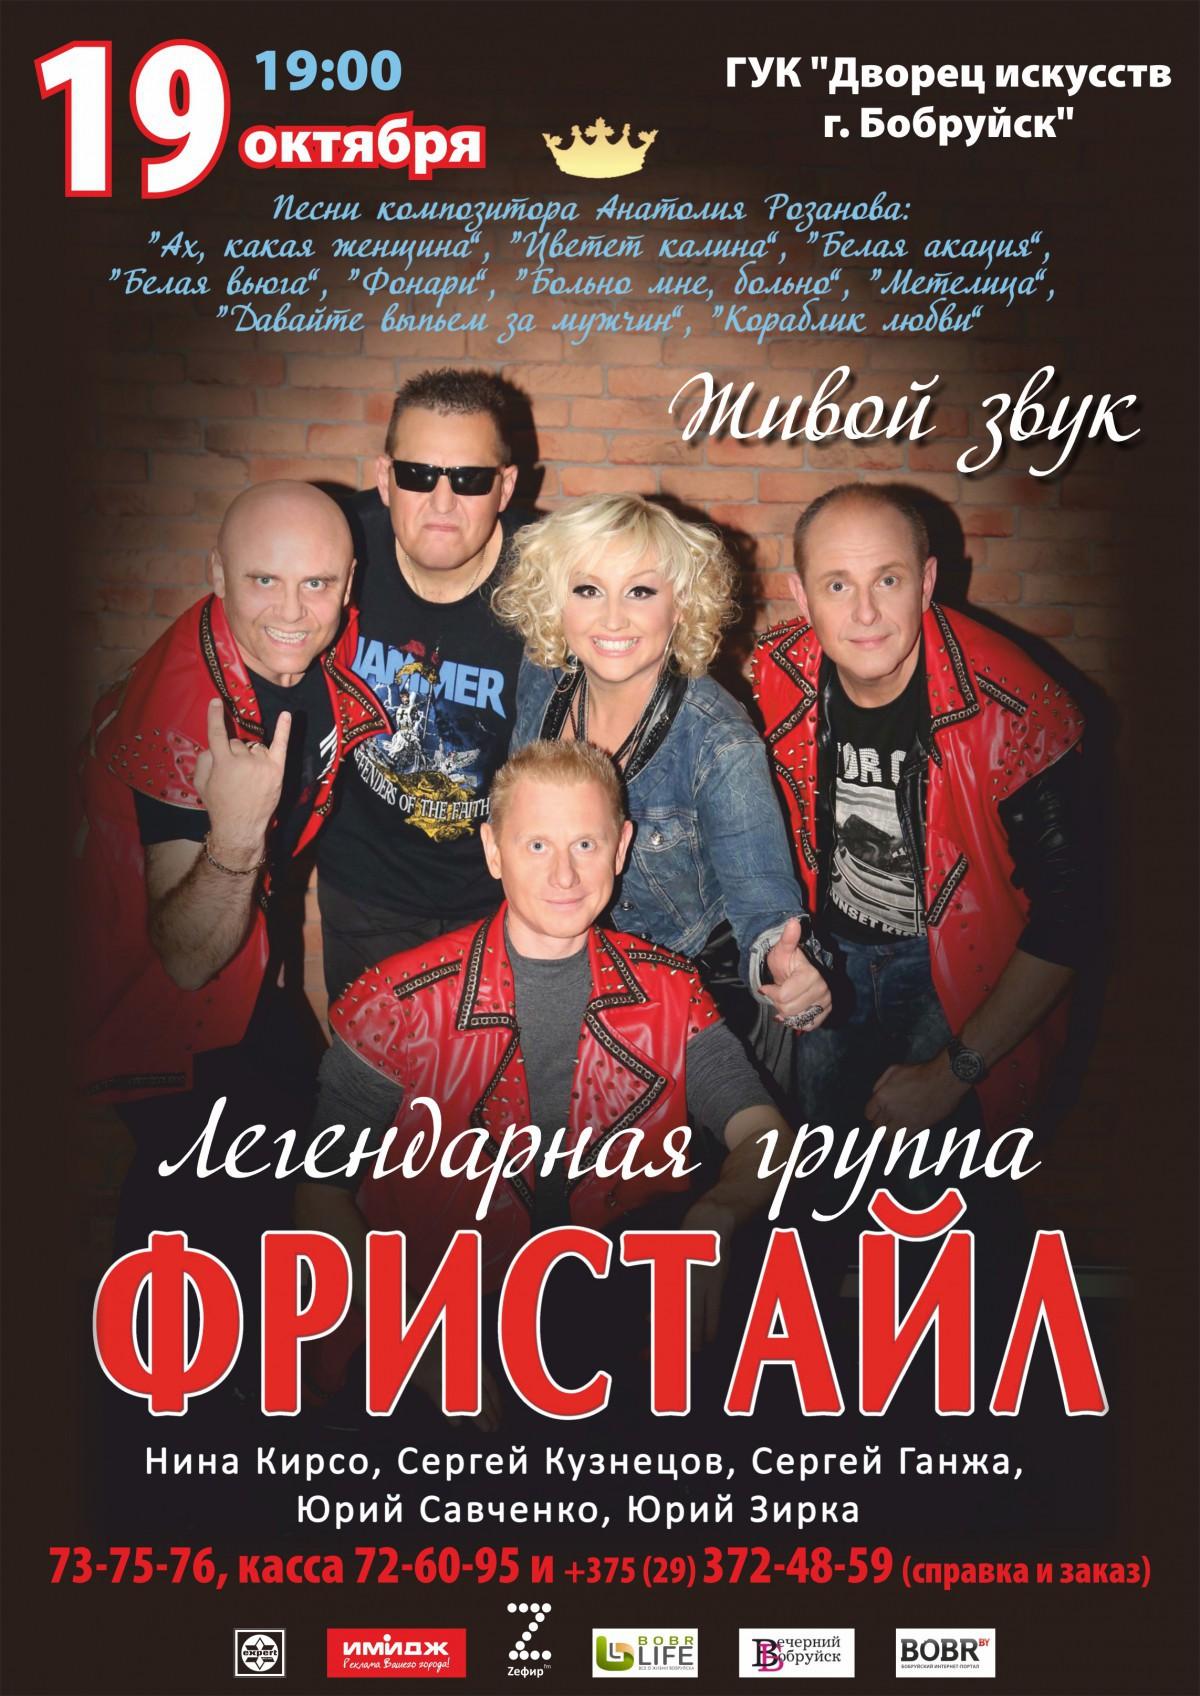 Концерт легендарной группы «Фристайл», завоевавшей зрительскую любовь ещё в конце 80-ых!